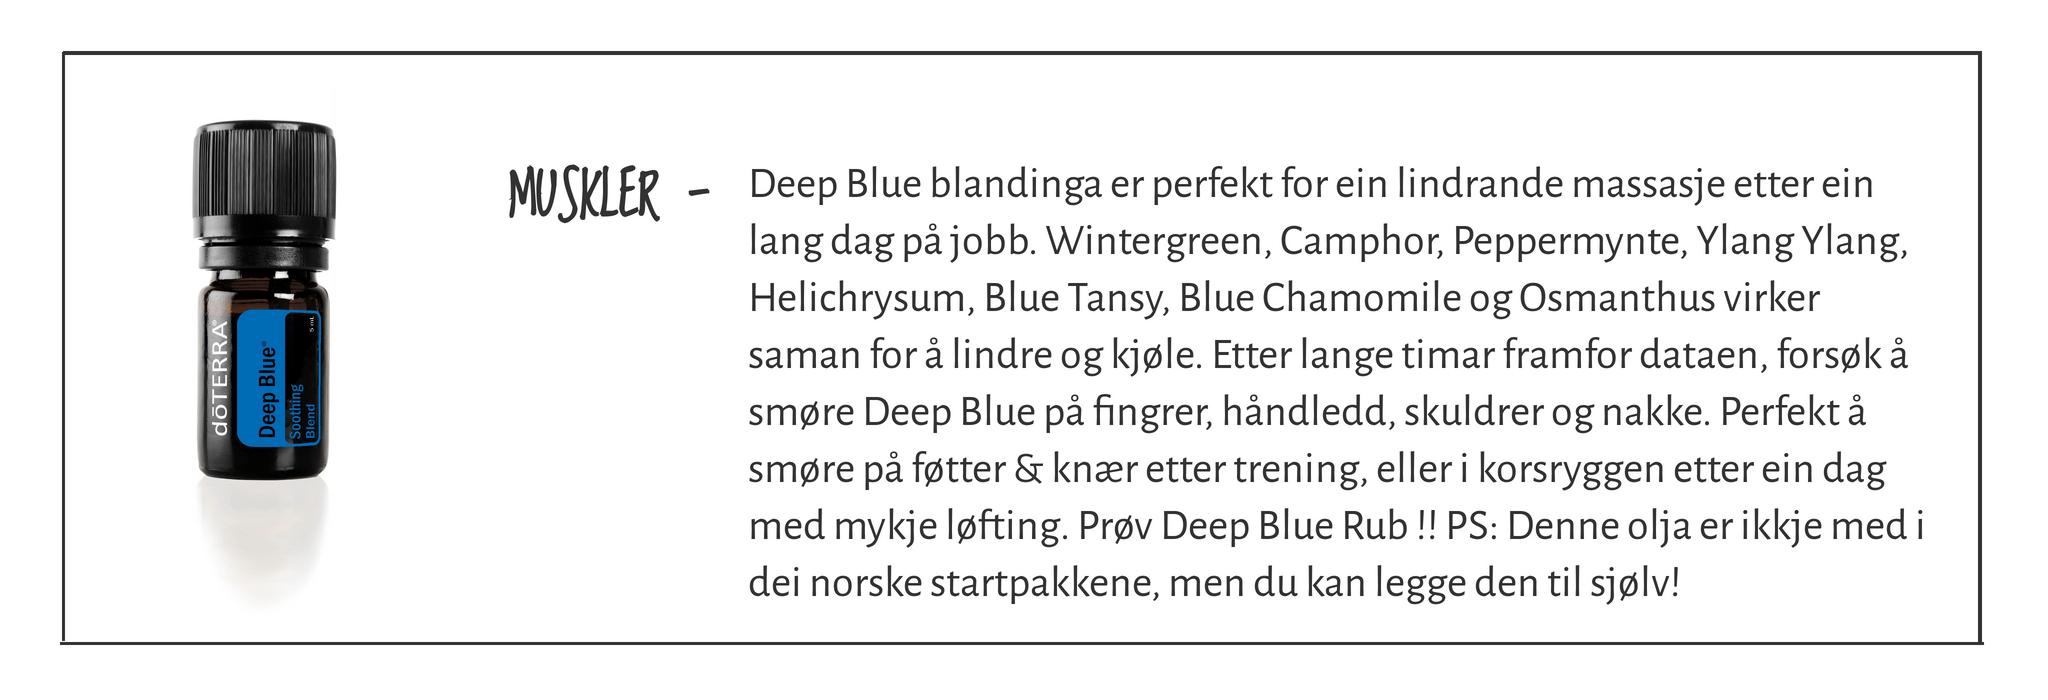 DeepBlue - lp.faktaboks2